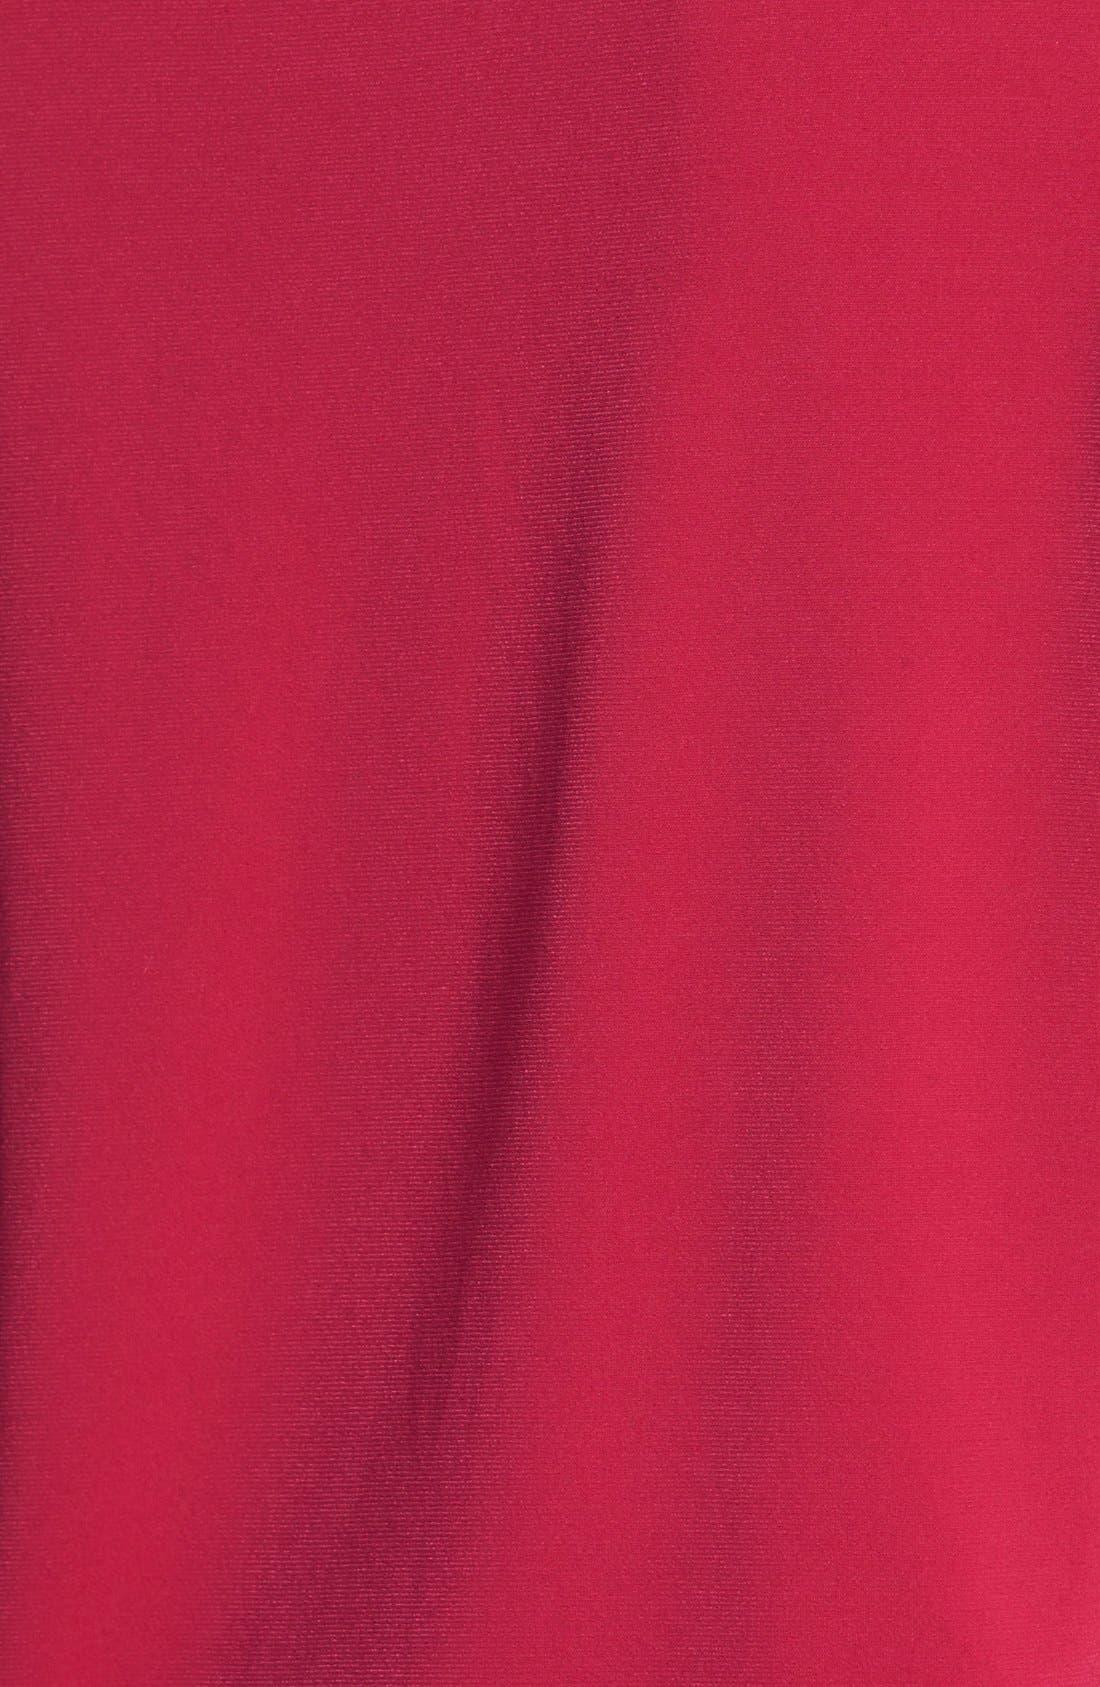 Alternate Image 3  - MICHAEL Michael Kors Zip Shoulder Raglan Top (Regular & Petite)